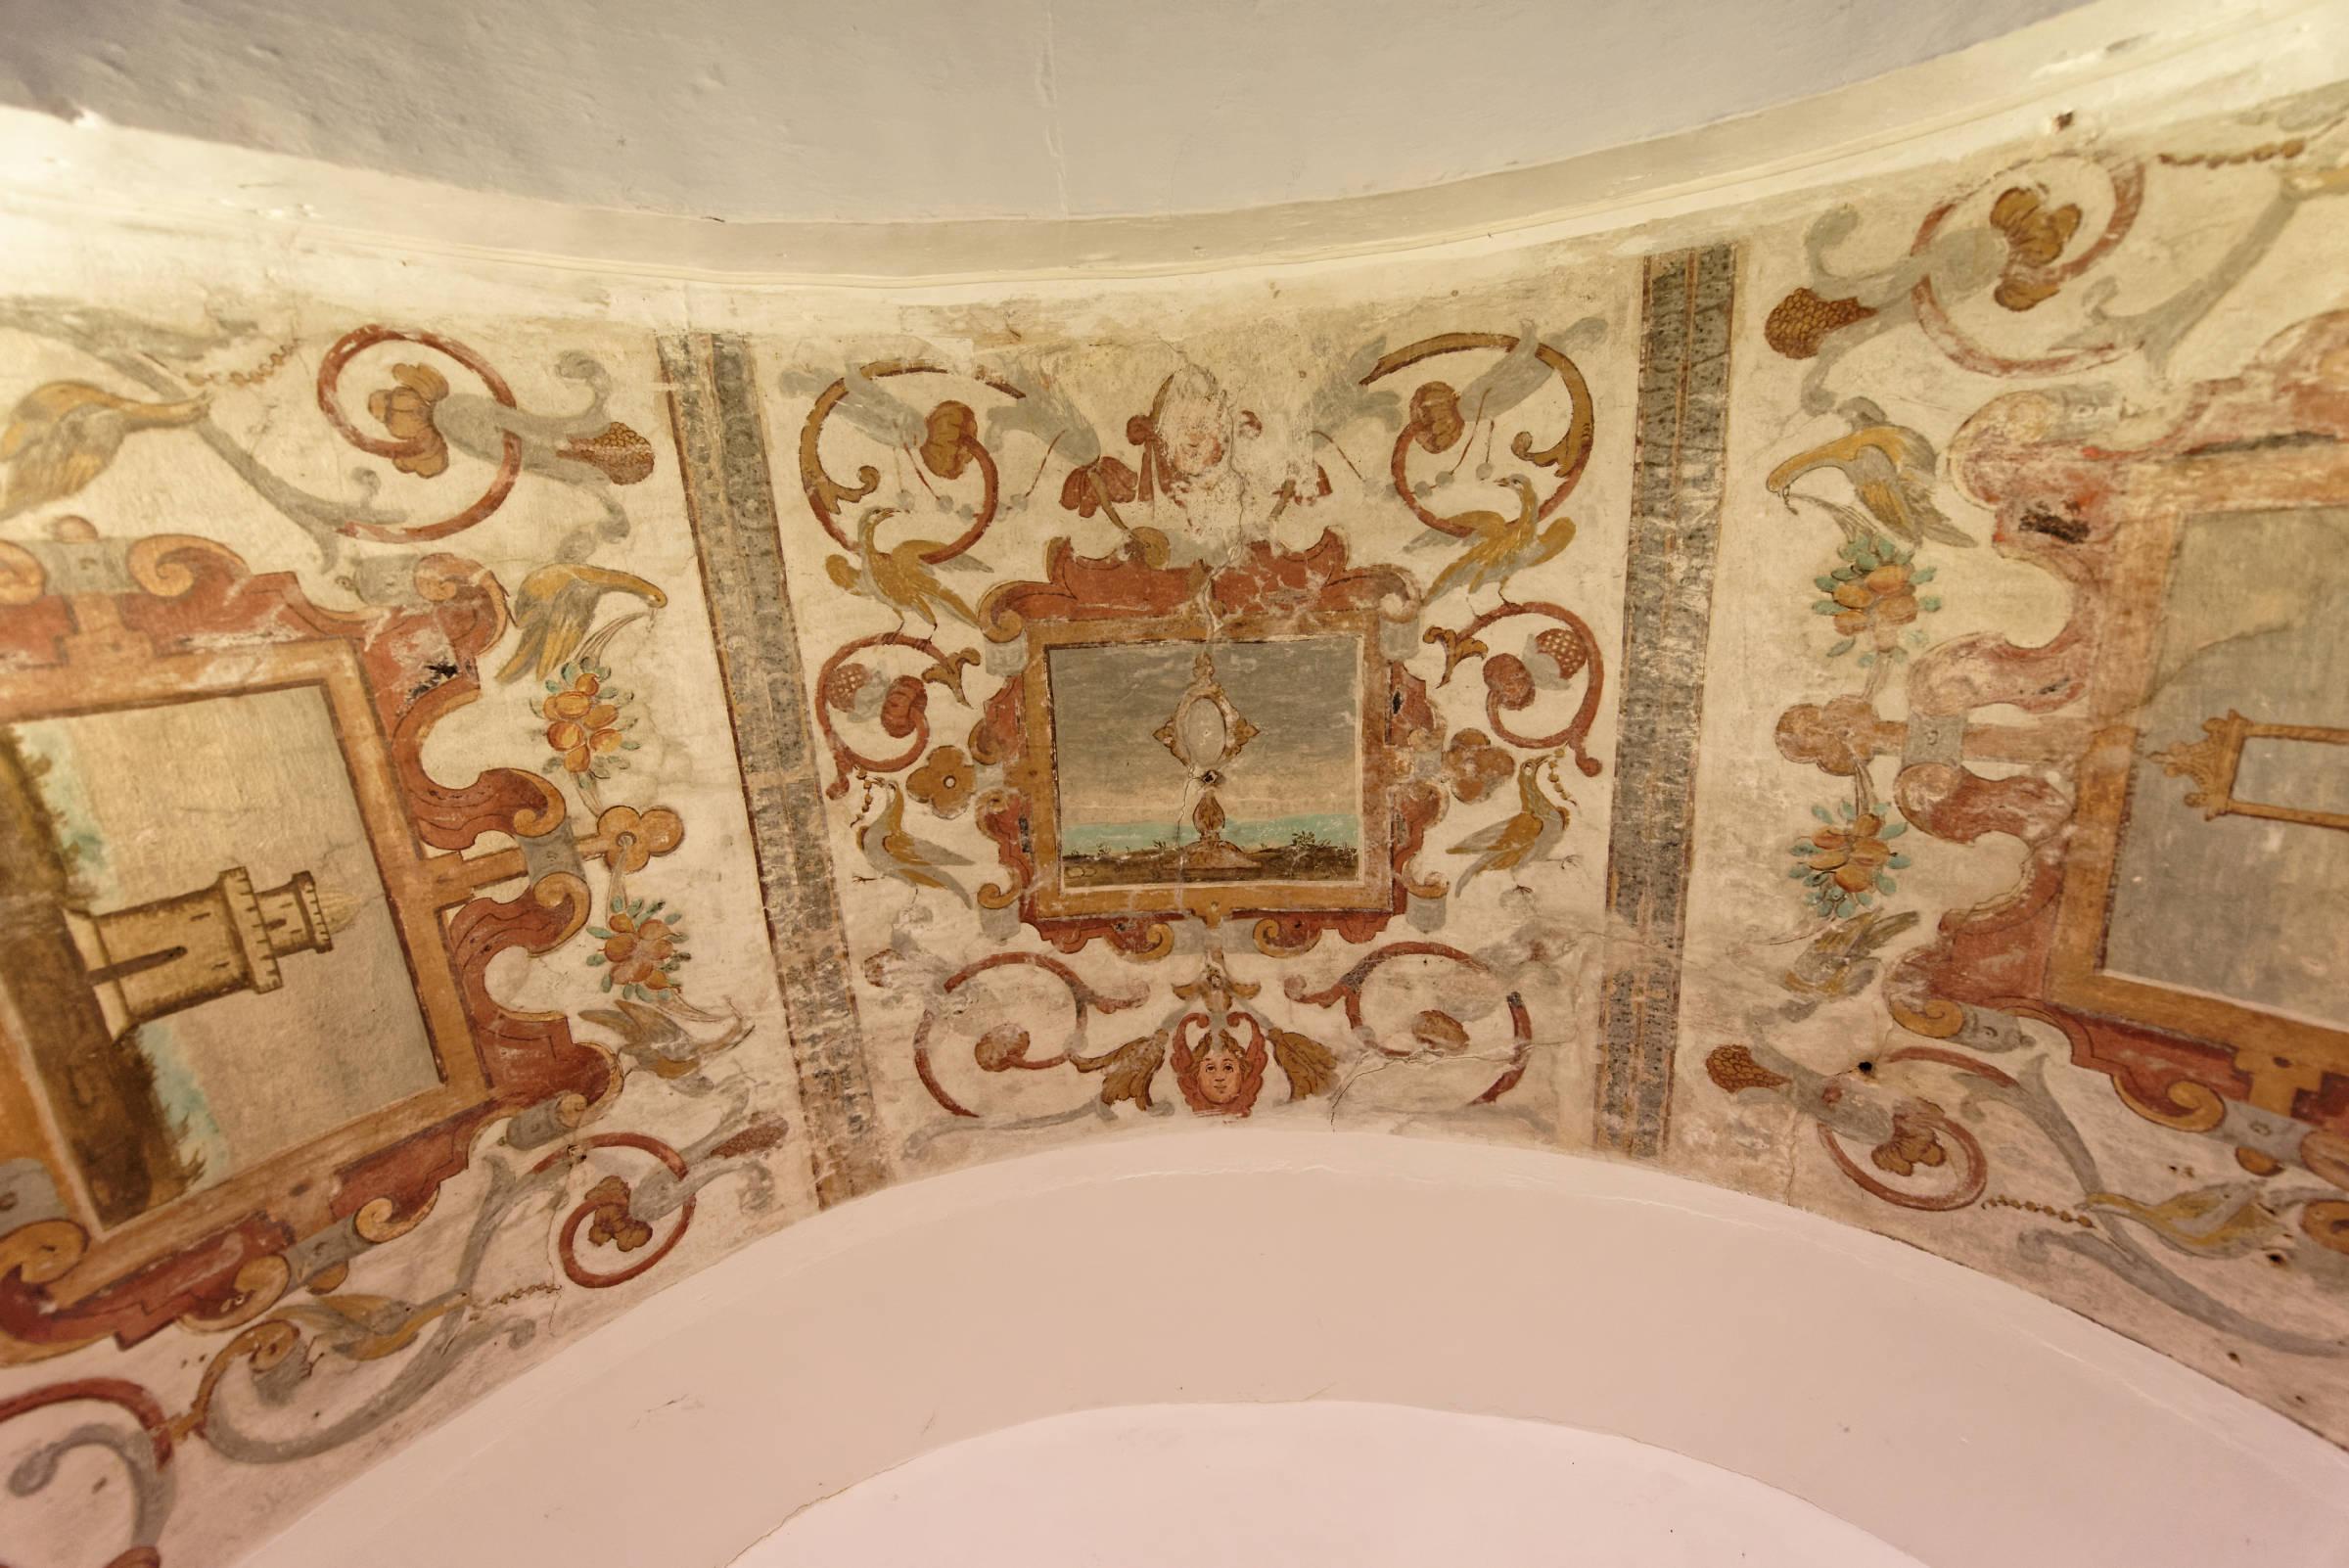 160407-Convento de sao paulo (Alentero Portugal) (155)